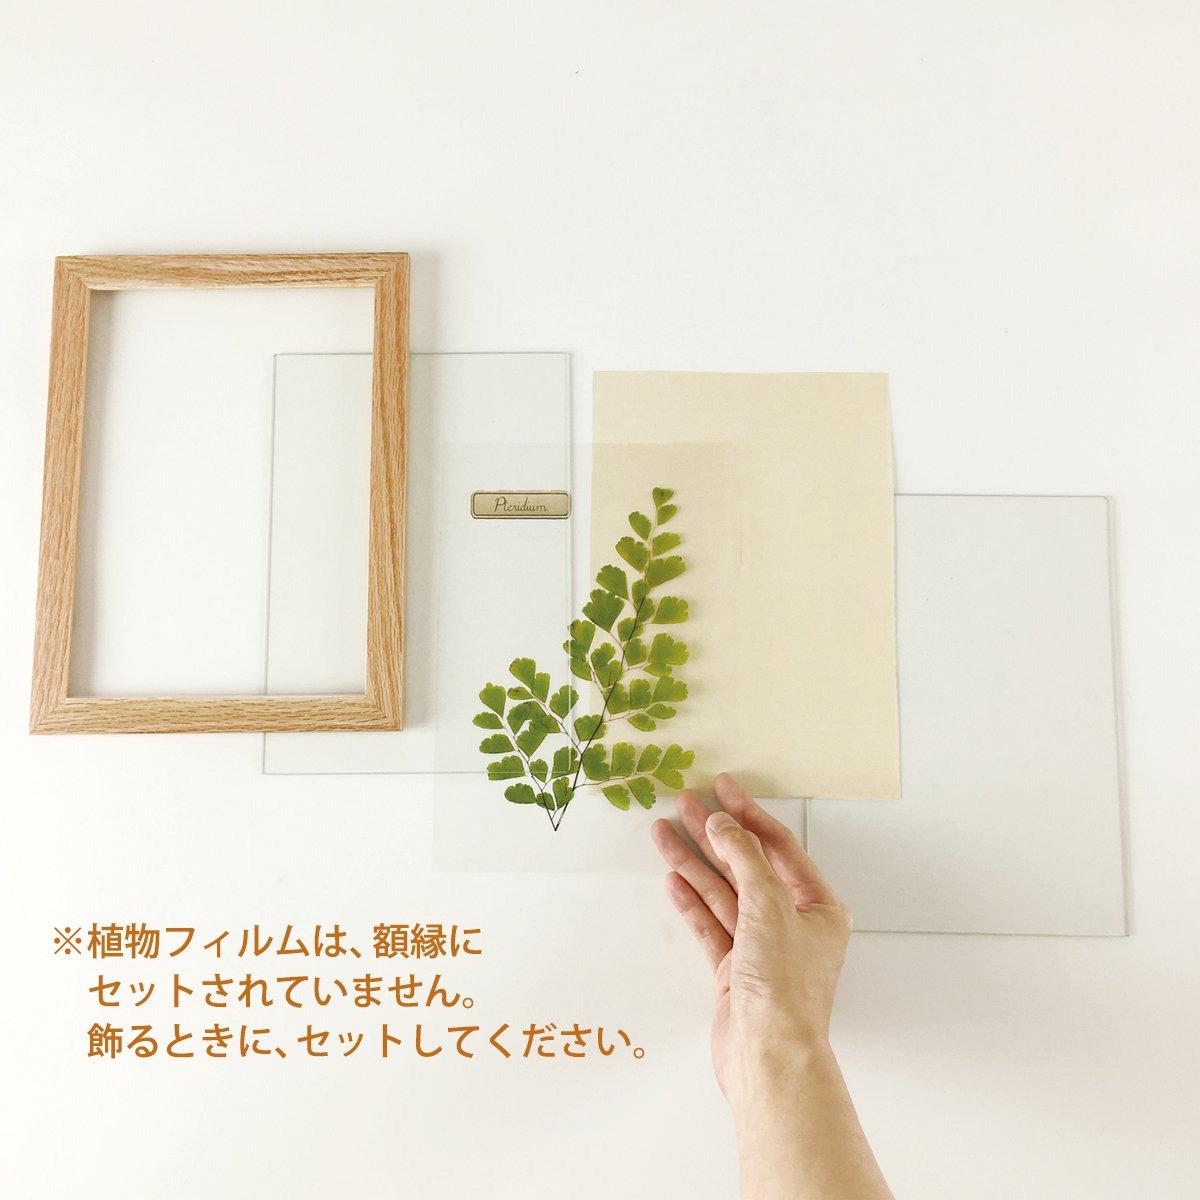 【アートフレーム】ハーバリウムフレーム ハナビシソウ/ブラウン(壁掛け)